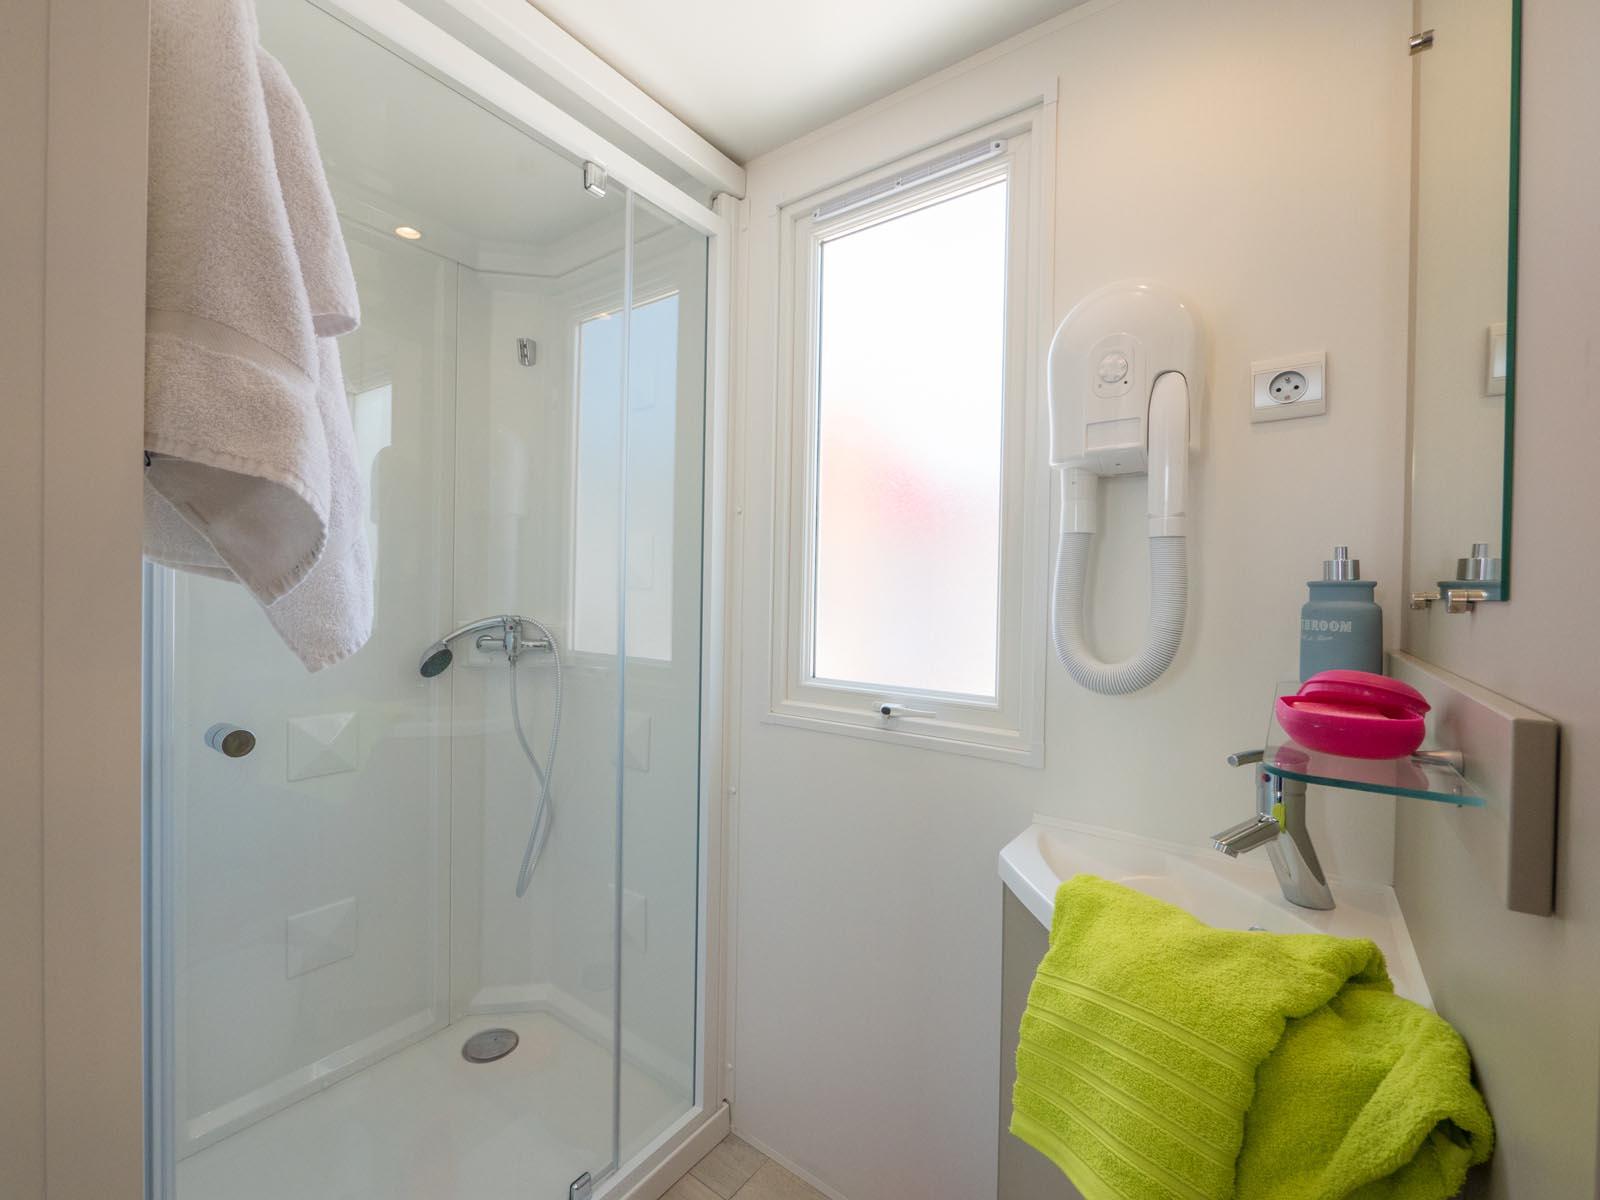 Salle de bain intérieur du mobilhome